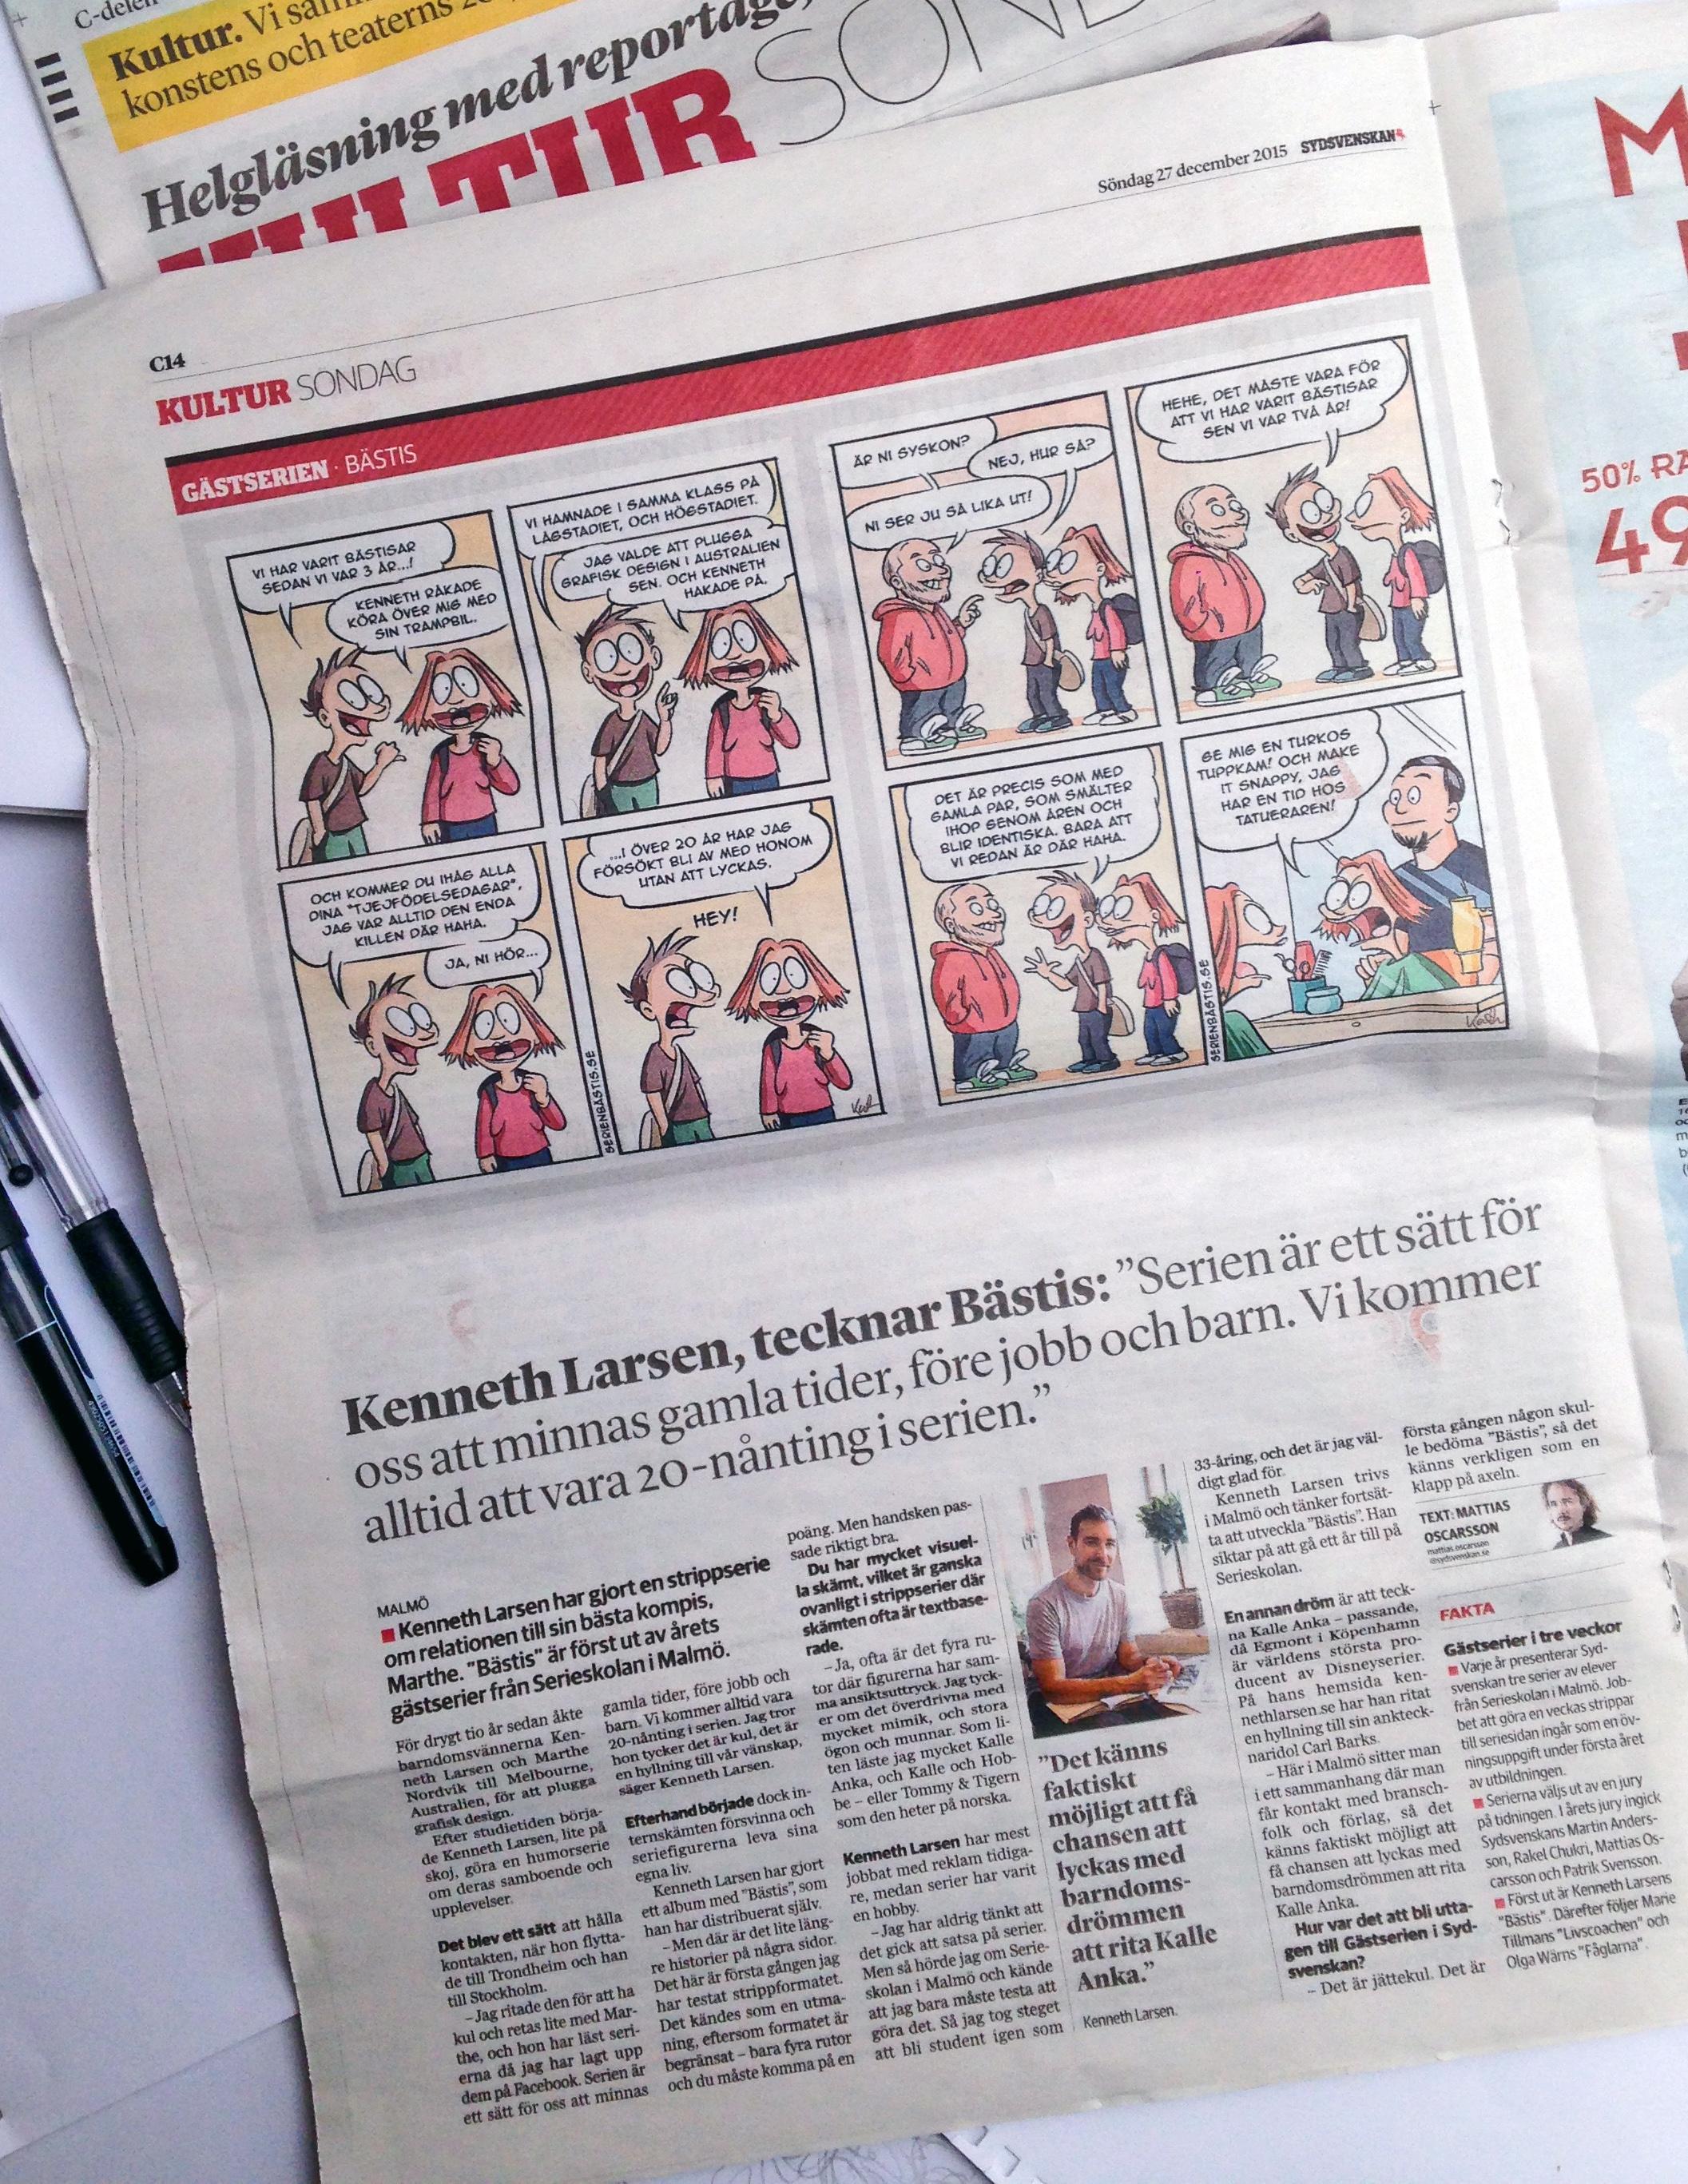 Intervju i Sydsvenskan, 27. desember 2015.